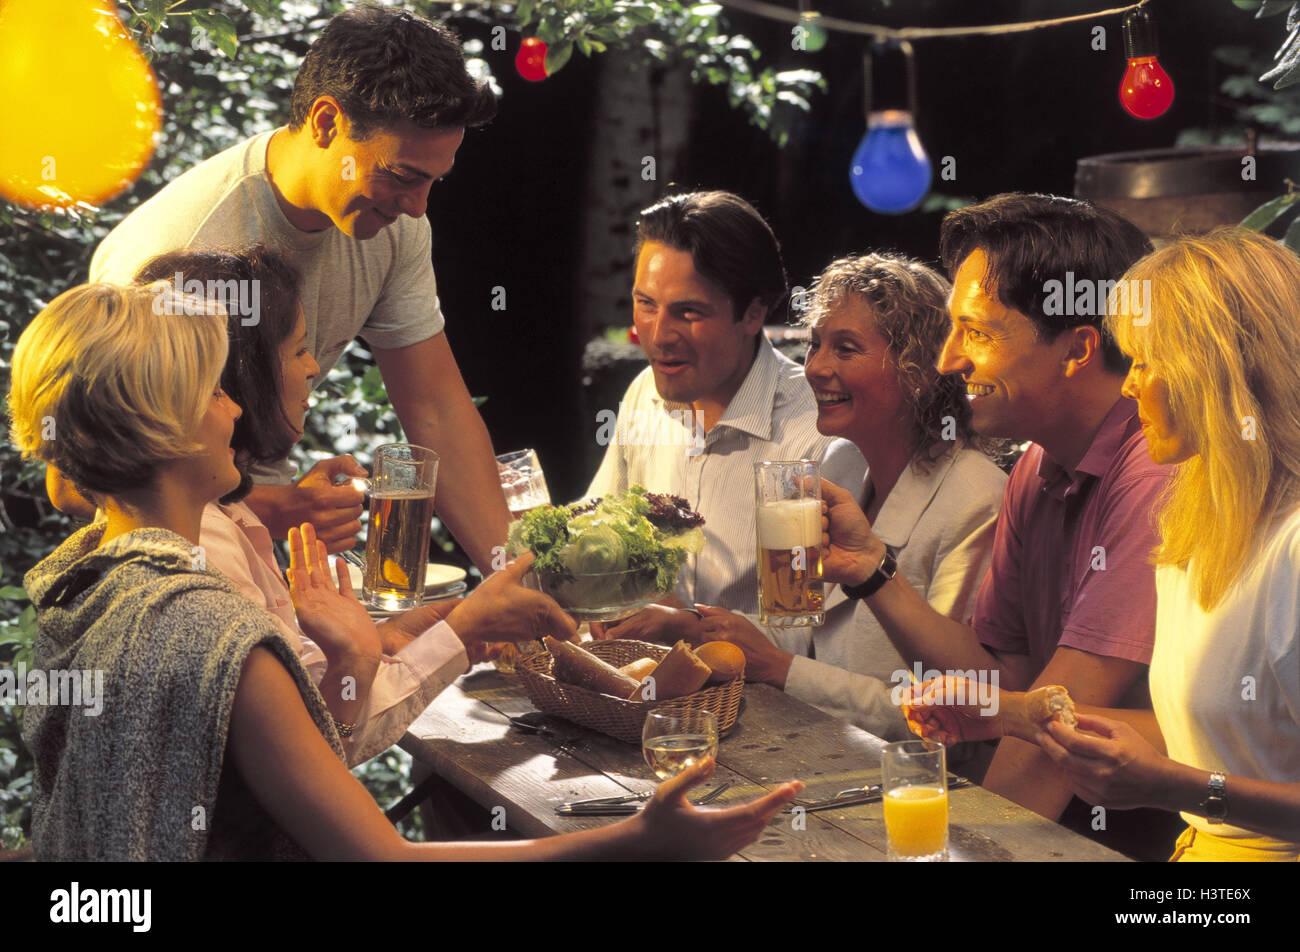 Biergarten, Menschen, jung, Bierkrüge, geschmolzen, lachen, Gartenparty, Gruppe, Männer, Frauen, Freunde, Stockbild